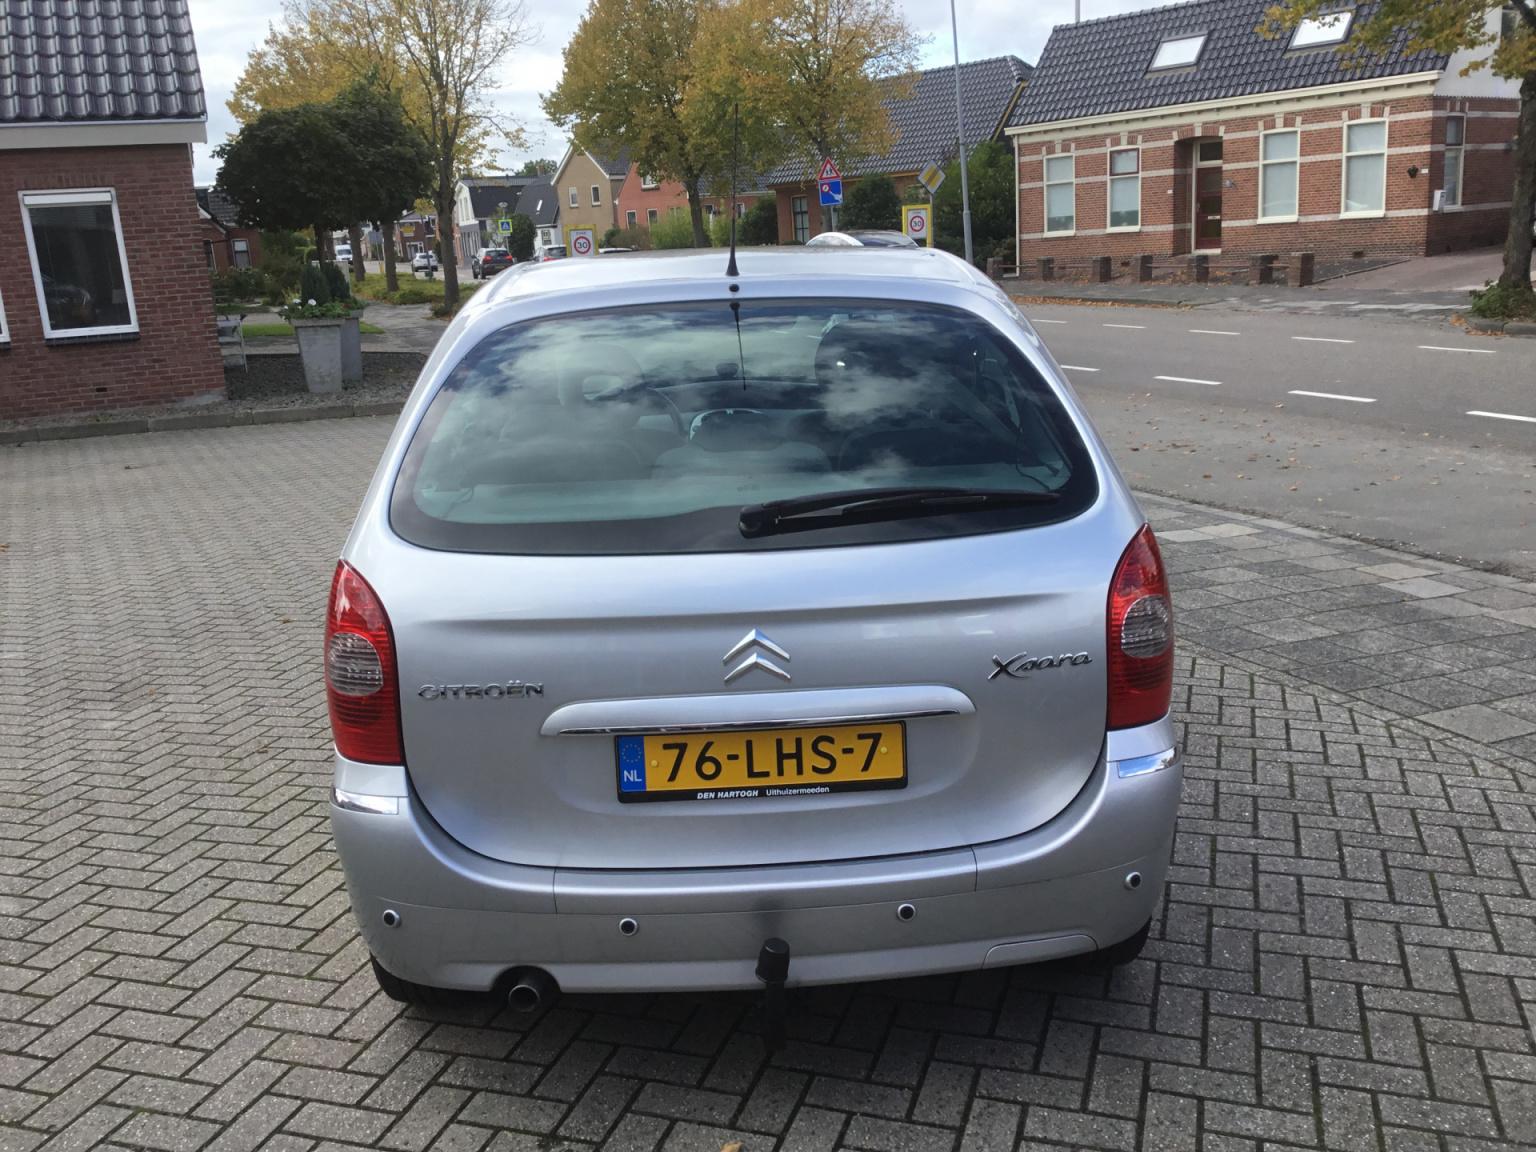 Citroën-Xsara Picasso-4